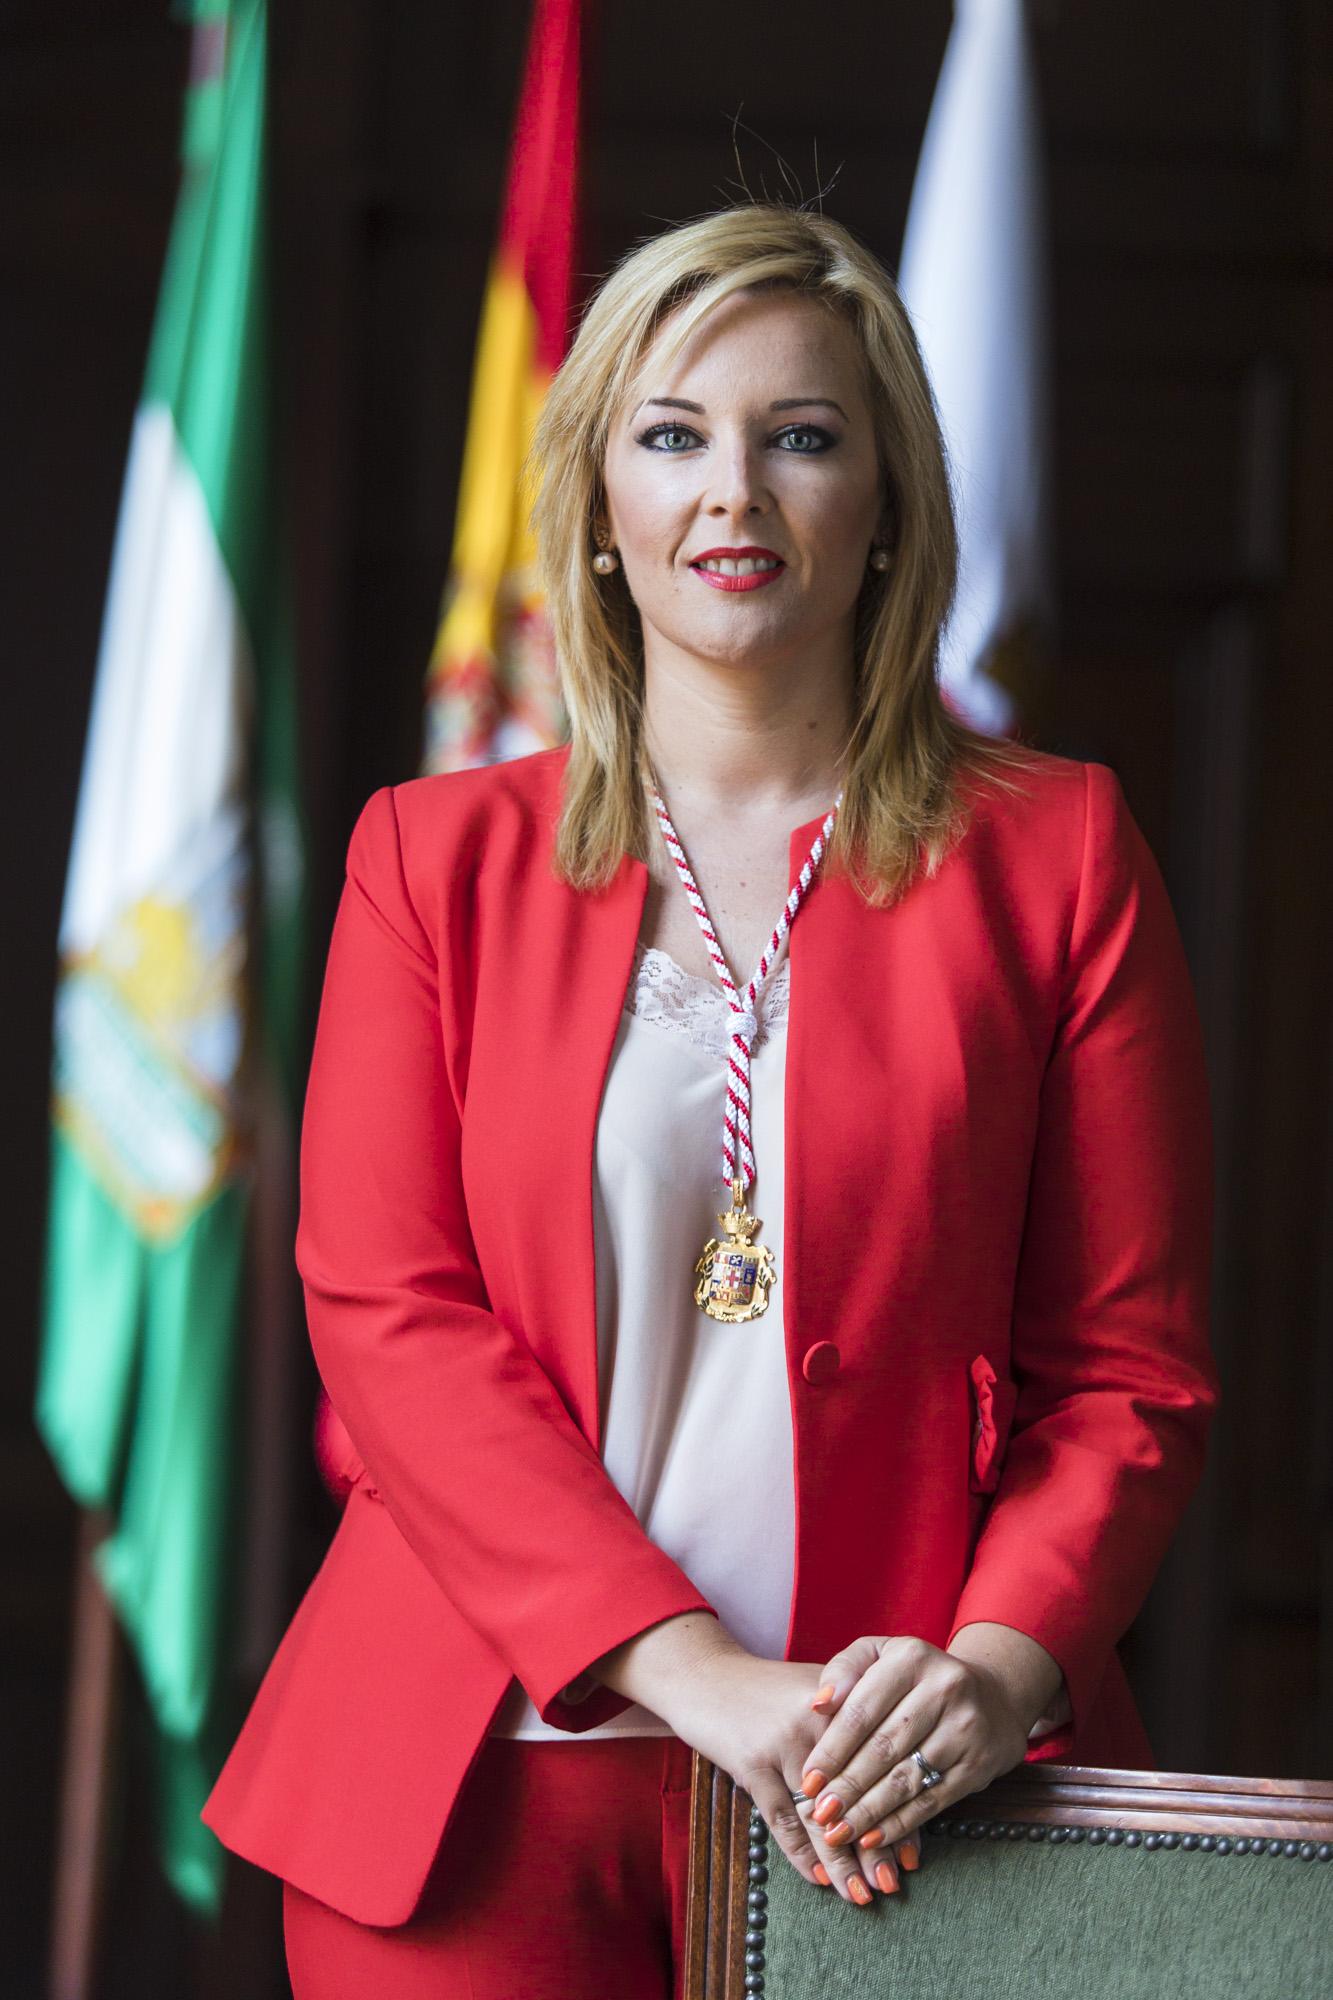 María Teresa Piqueras Valarino